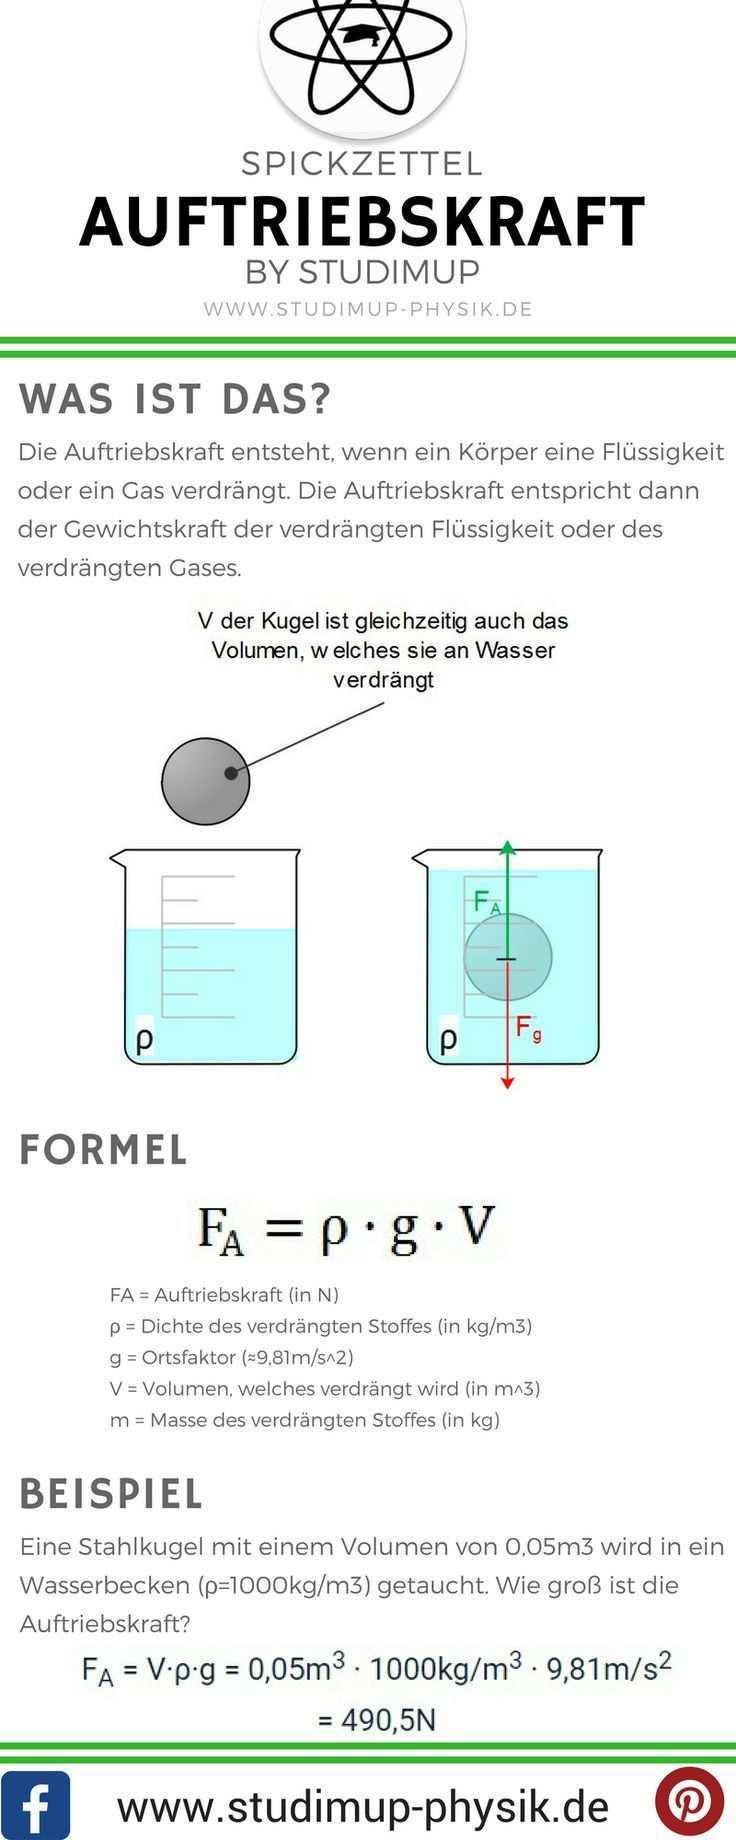 Spickzettel Zur Auftriebskraft Von Studimup Physik Einfach Erklart Fur Die Schule Pingram Bilder Fur Sie Physik Lernen Physik Physik Und Mathematik